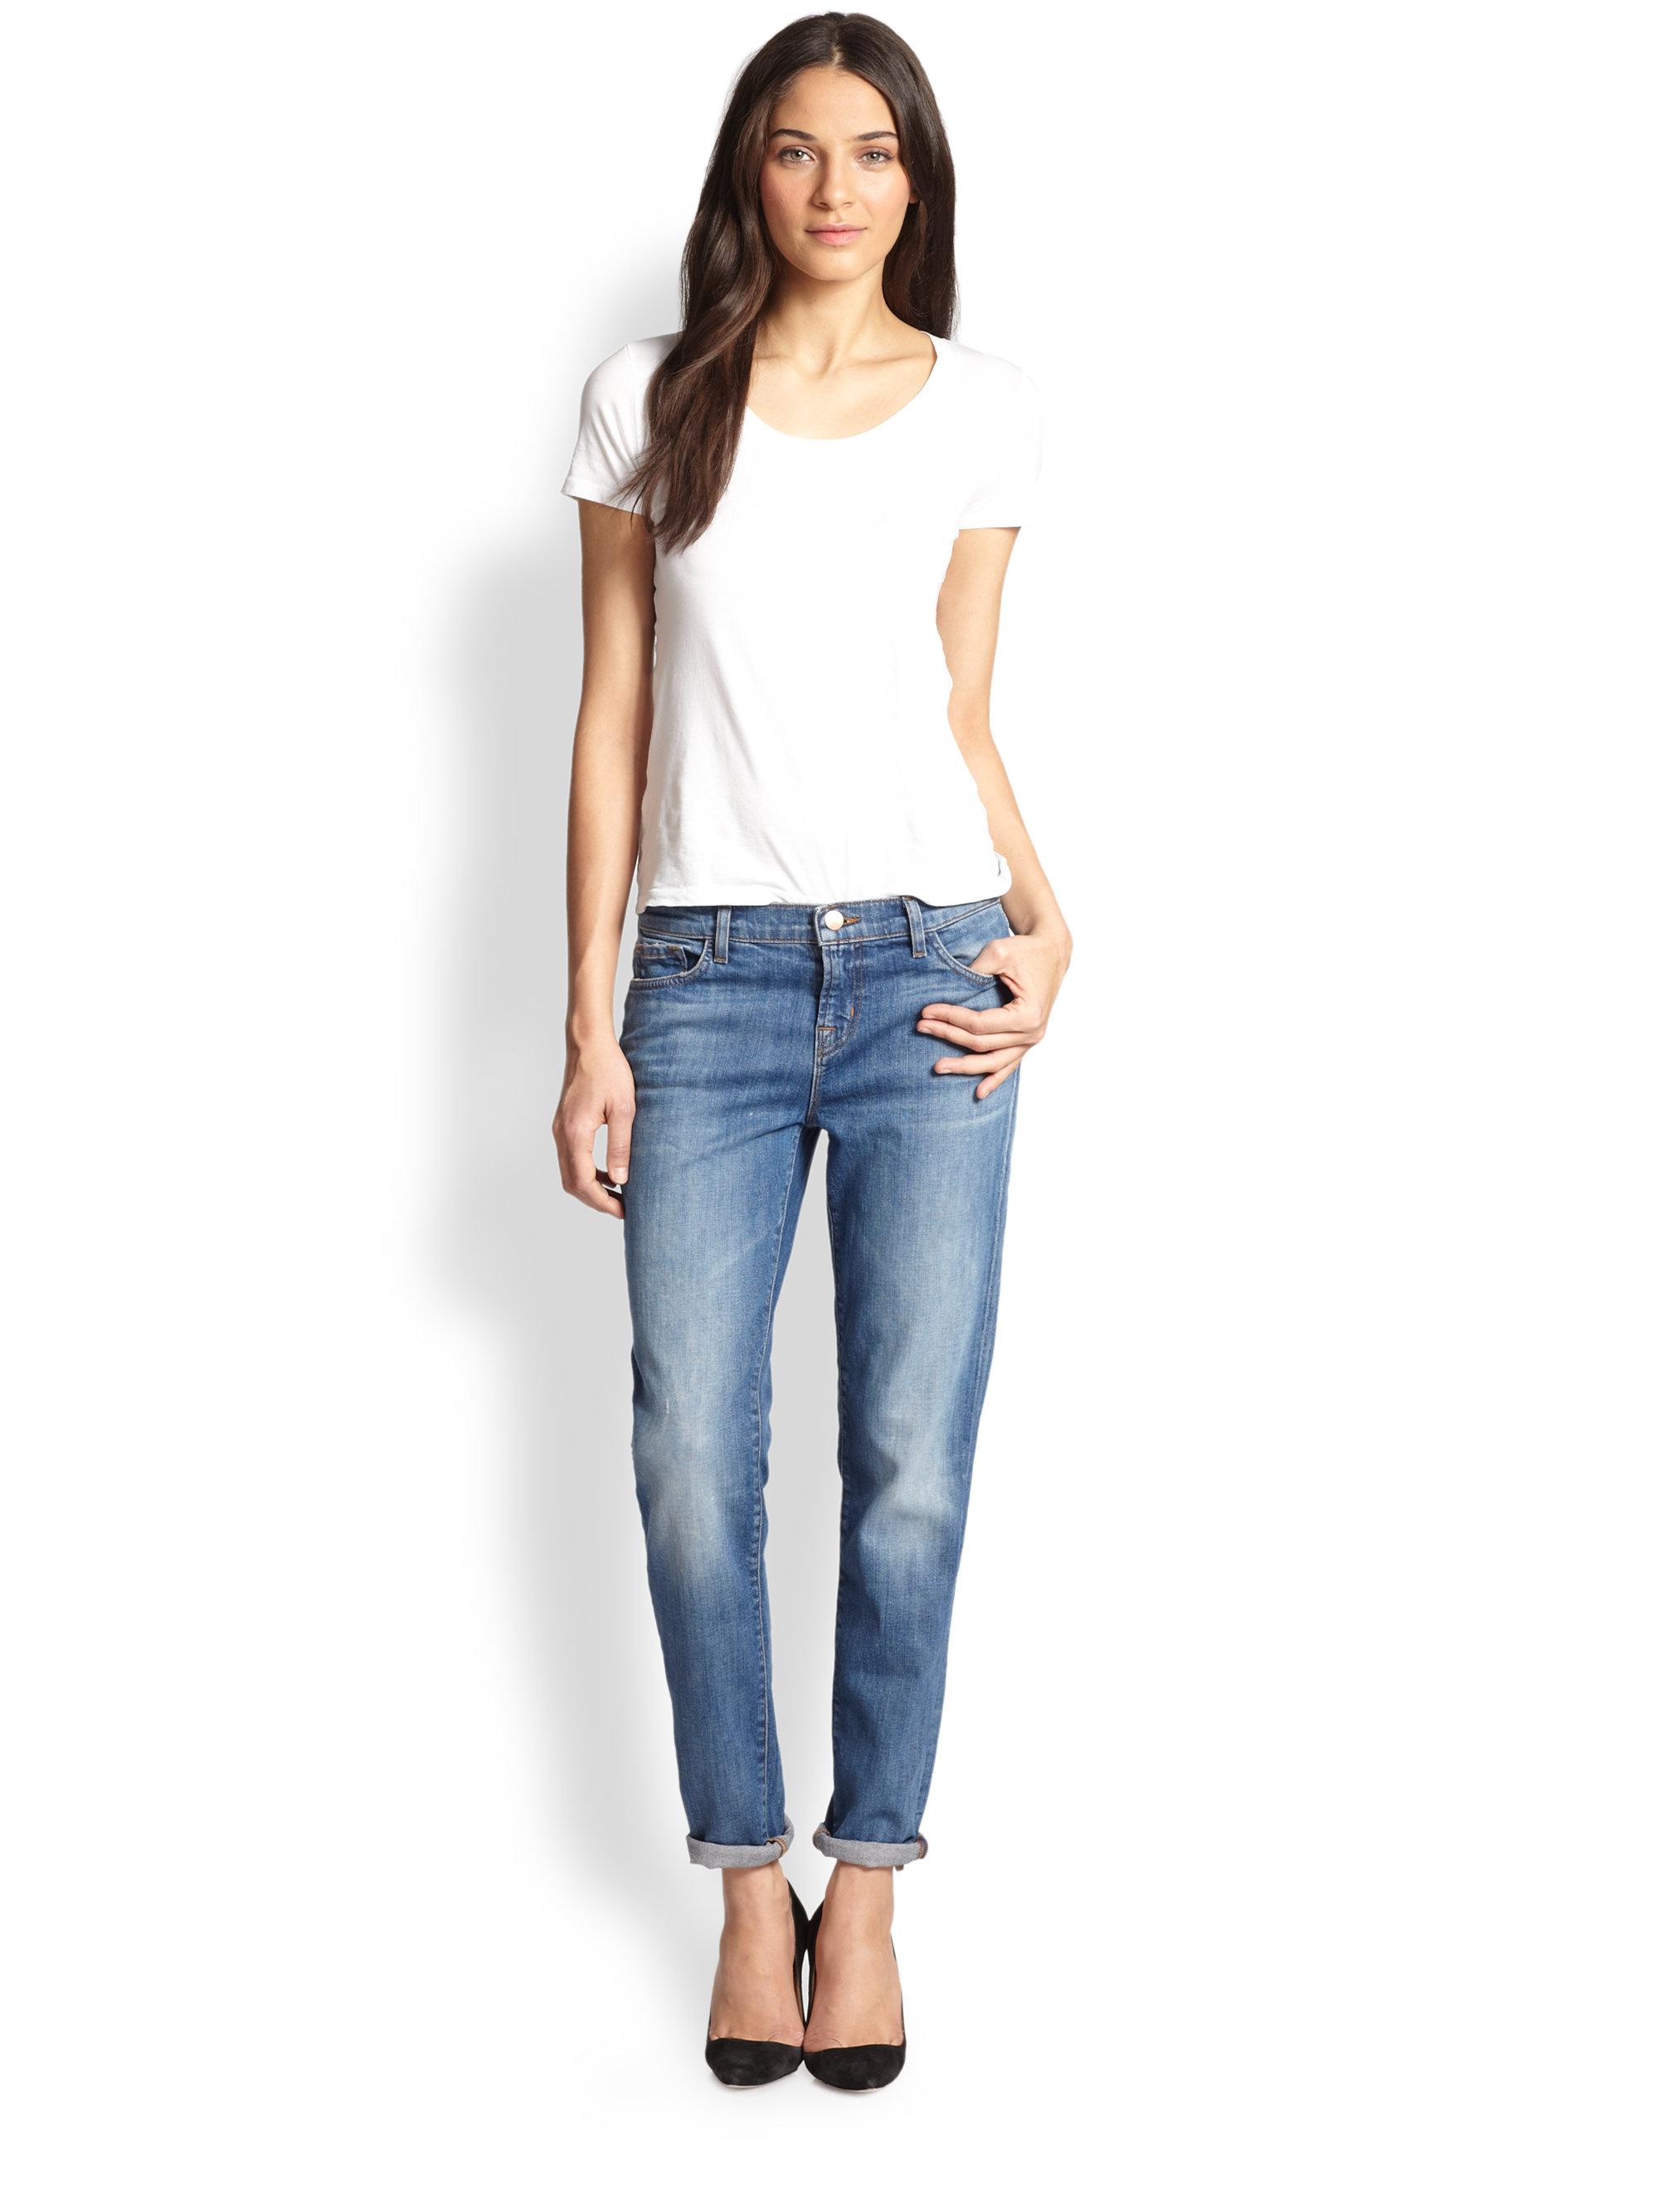 J brand skinny jeans reviews